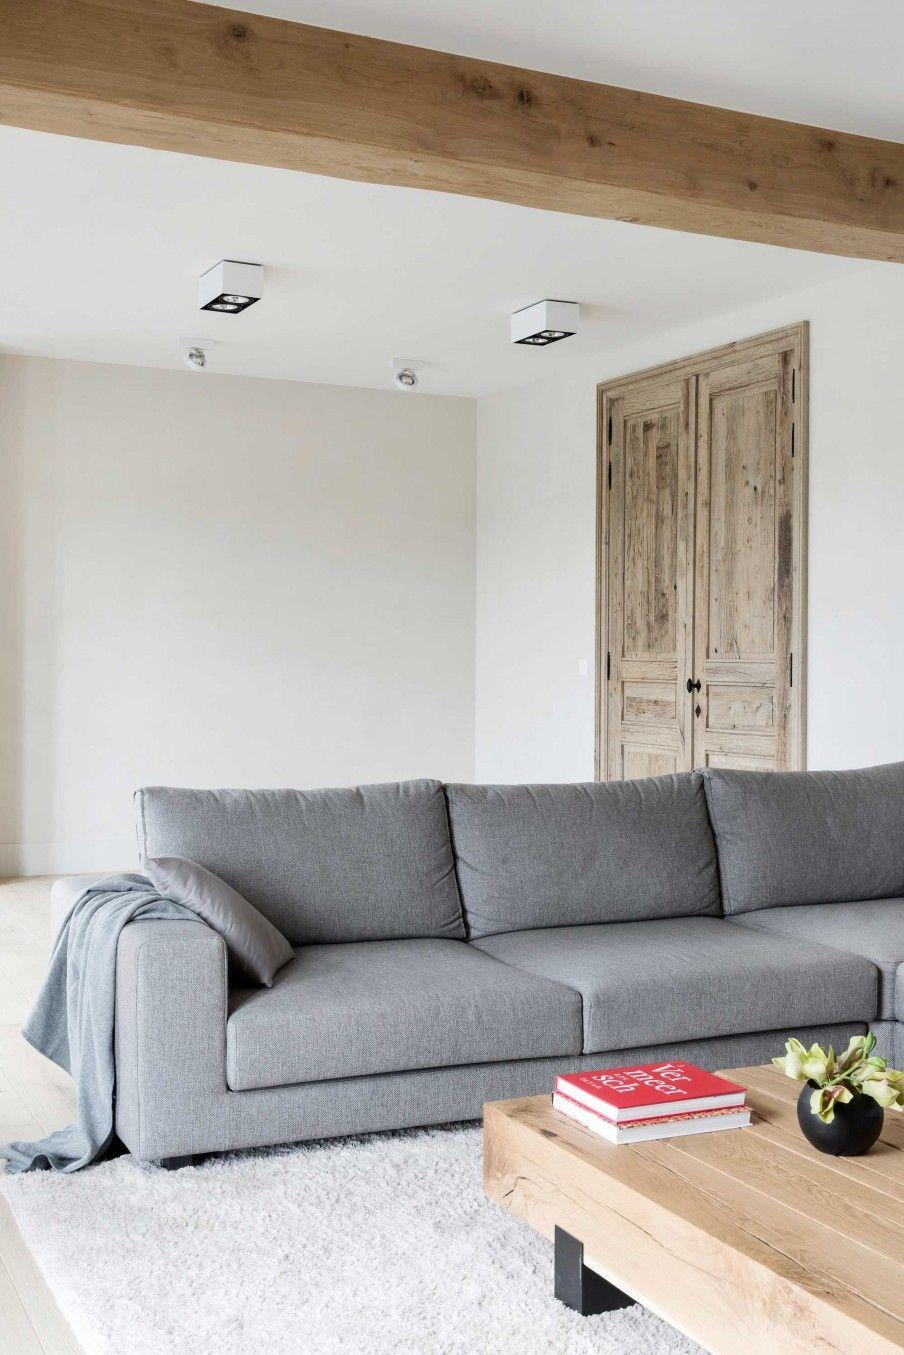 woonkamer-wit-grijs | vt wonen | Pinterest - Woonkamer wit, Grijs en ...